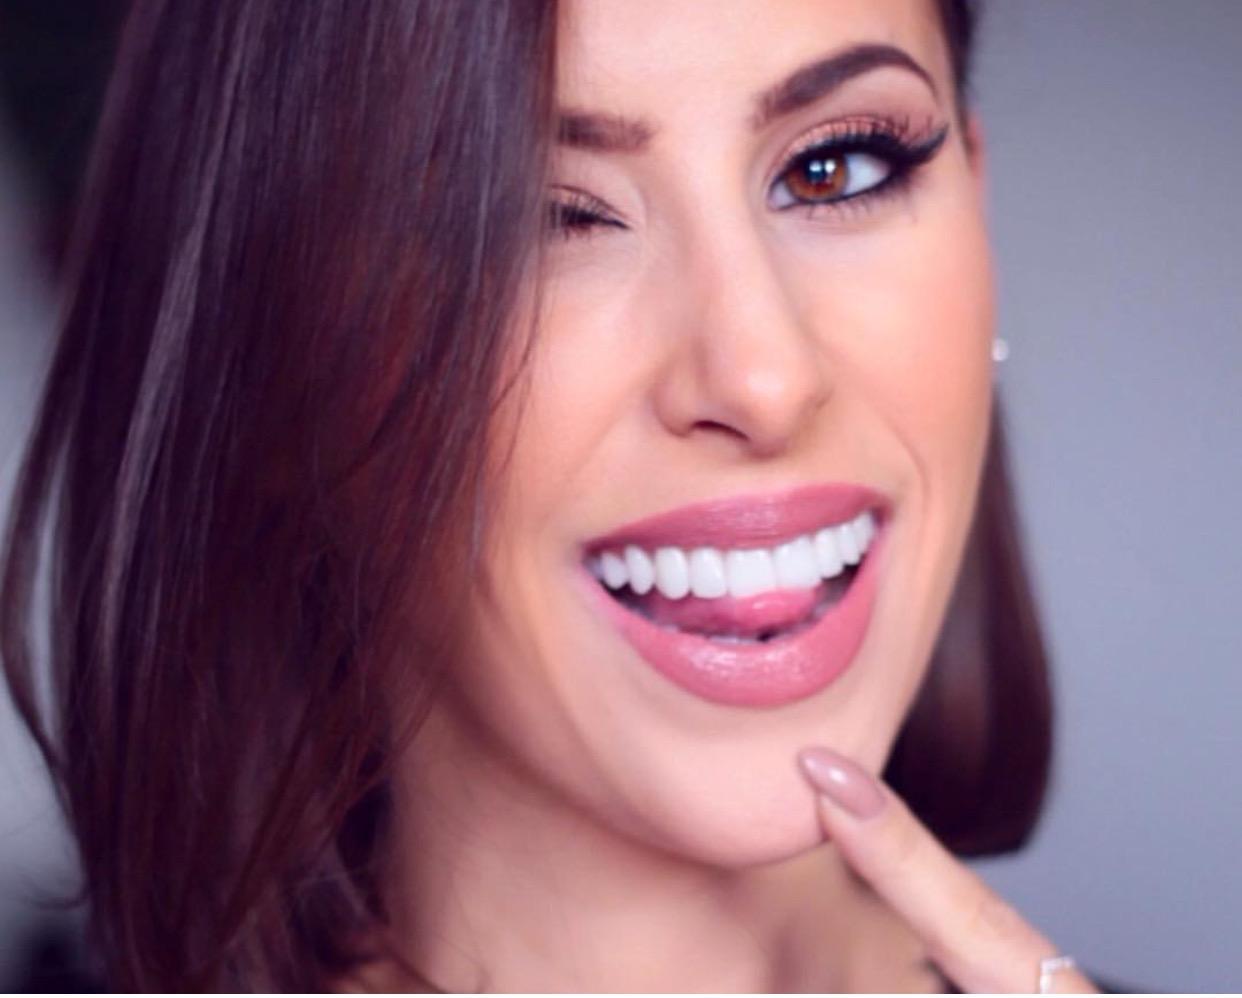 Ganha Um Branqueamento Dentario Com O Meu Dentista Grande Sorteio